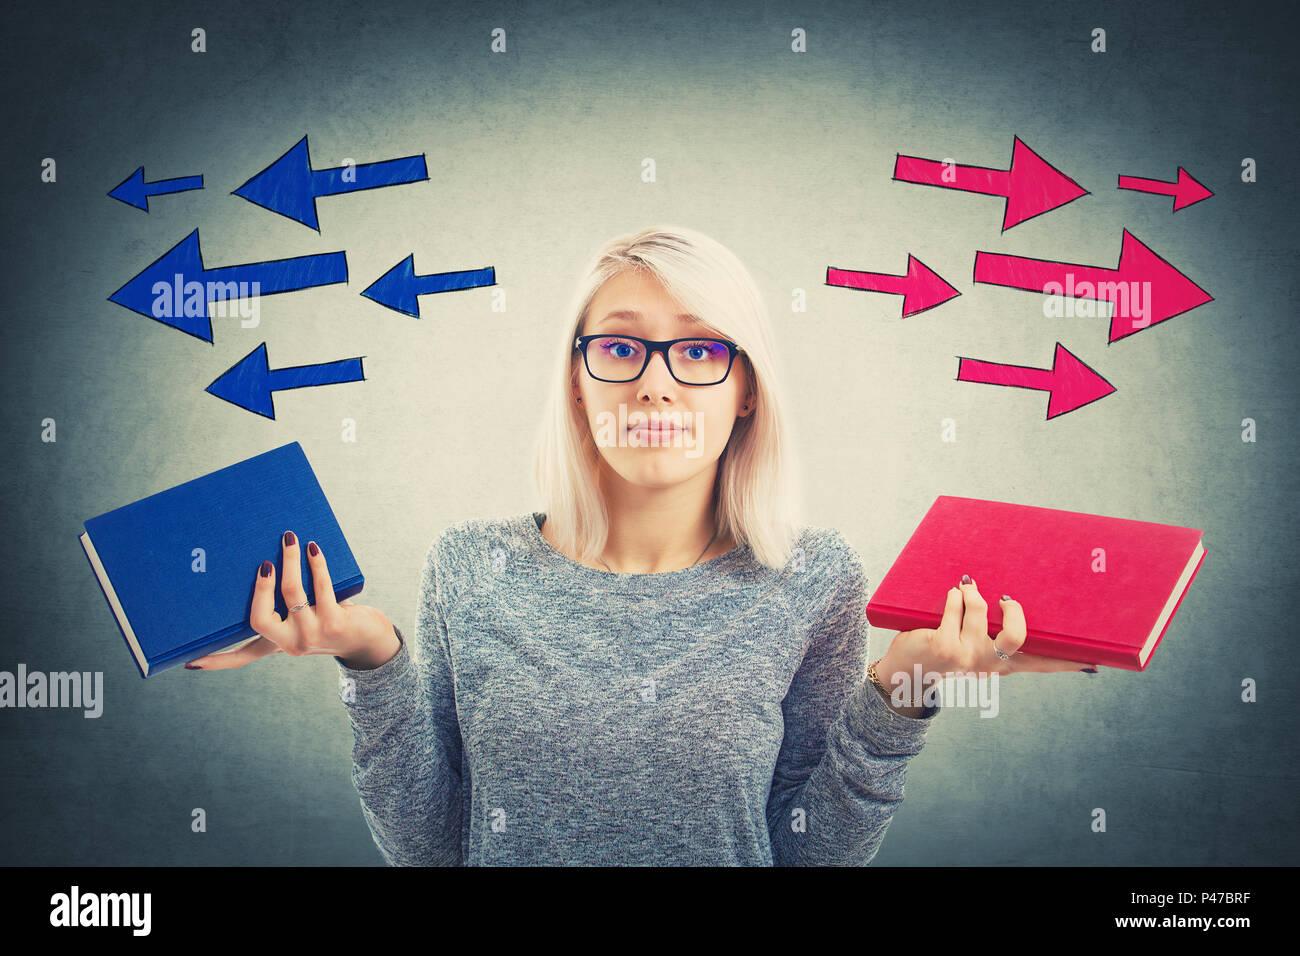 Jeune femme confuse de choisir entre deux livres, rouge et bleu, avec des flèches poinded à gauche et à droite. Décision difficile, l'éducation, concept Photo Stock